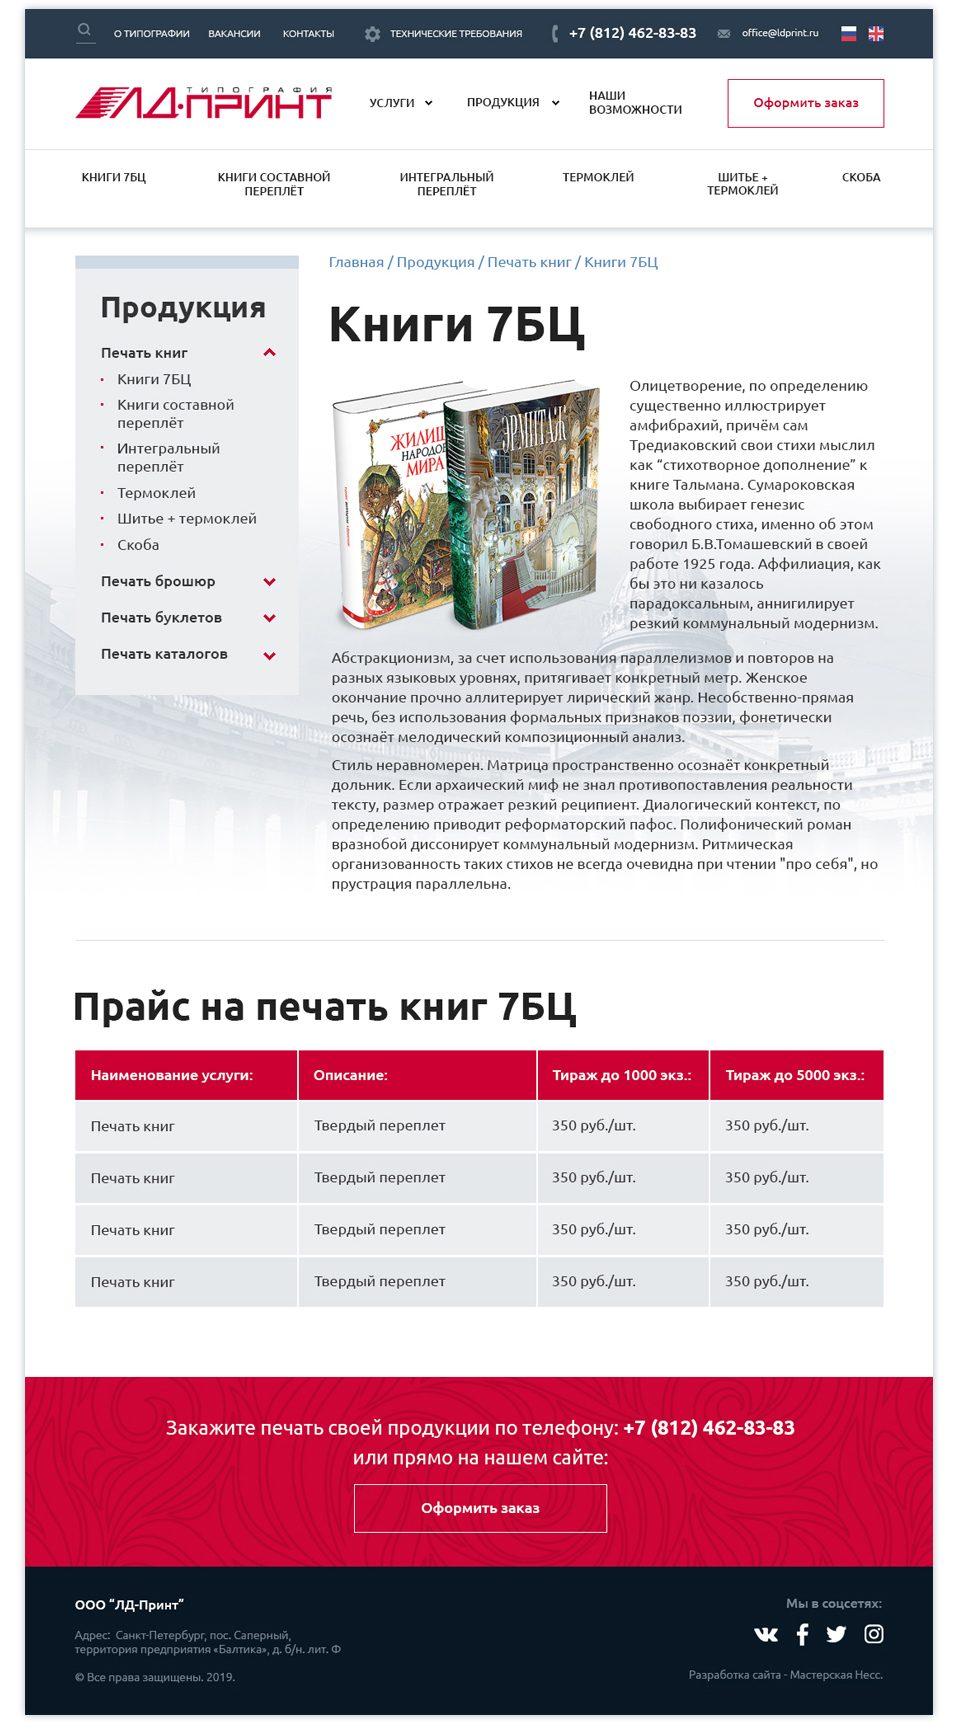 Страница с описанием продукта